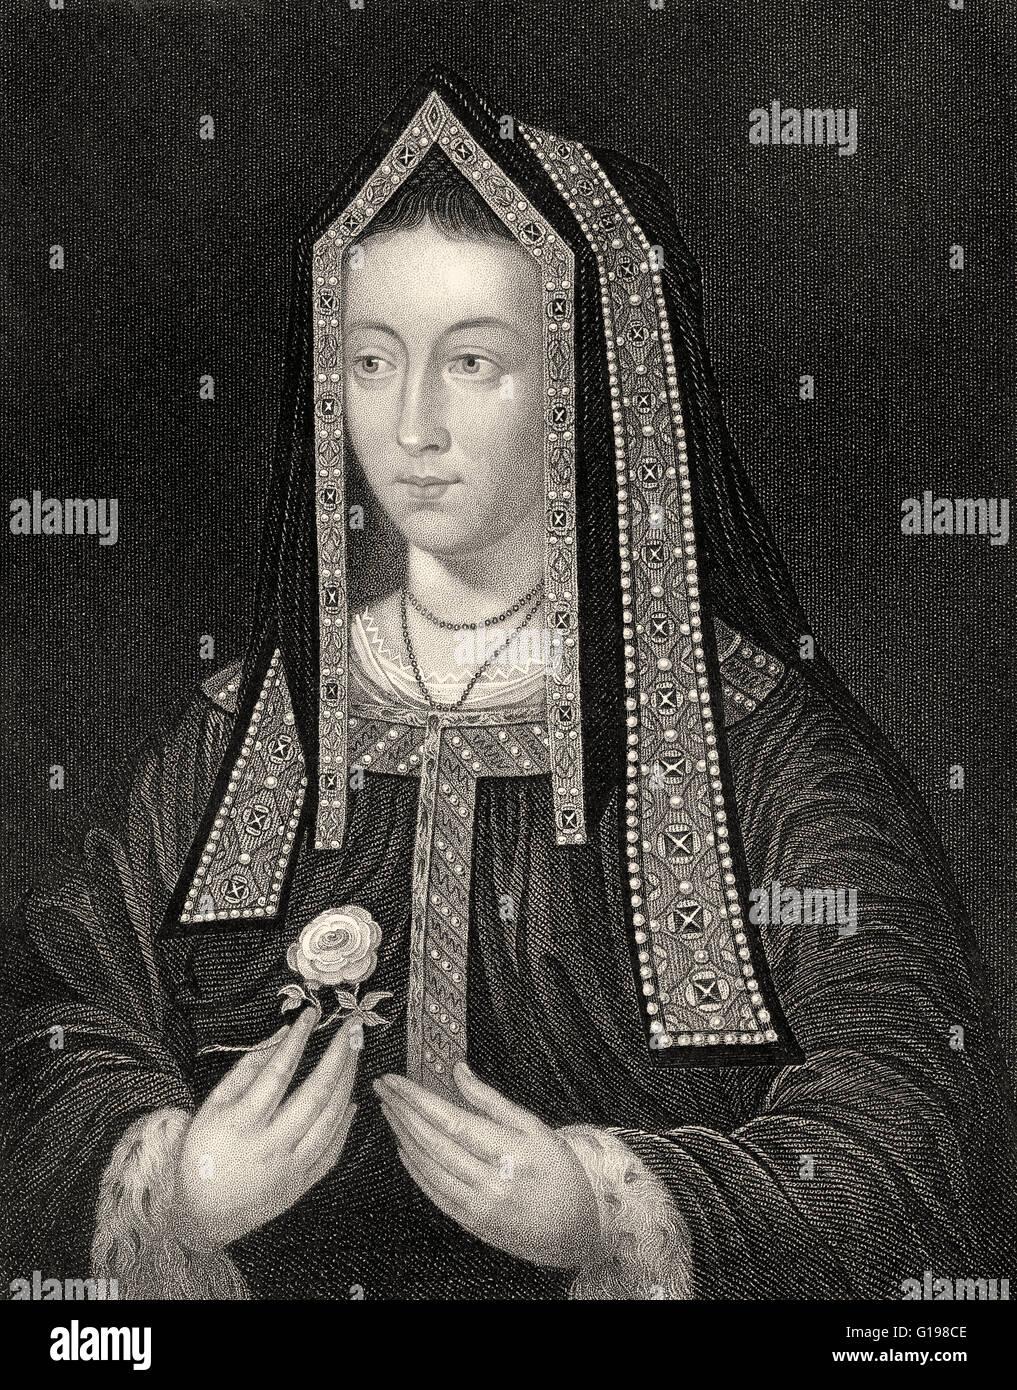 Elizabeth of York, 1466-1503, queen consort of England - Stock Image